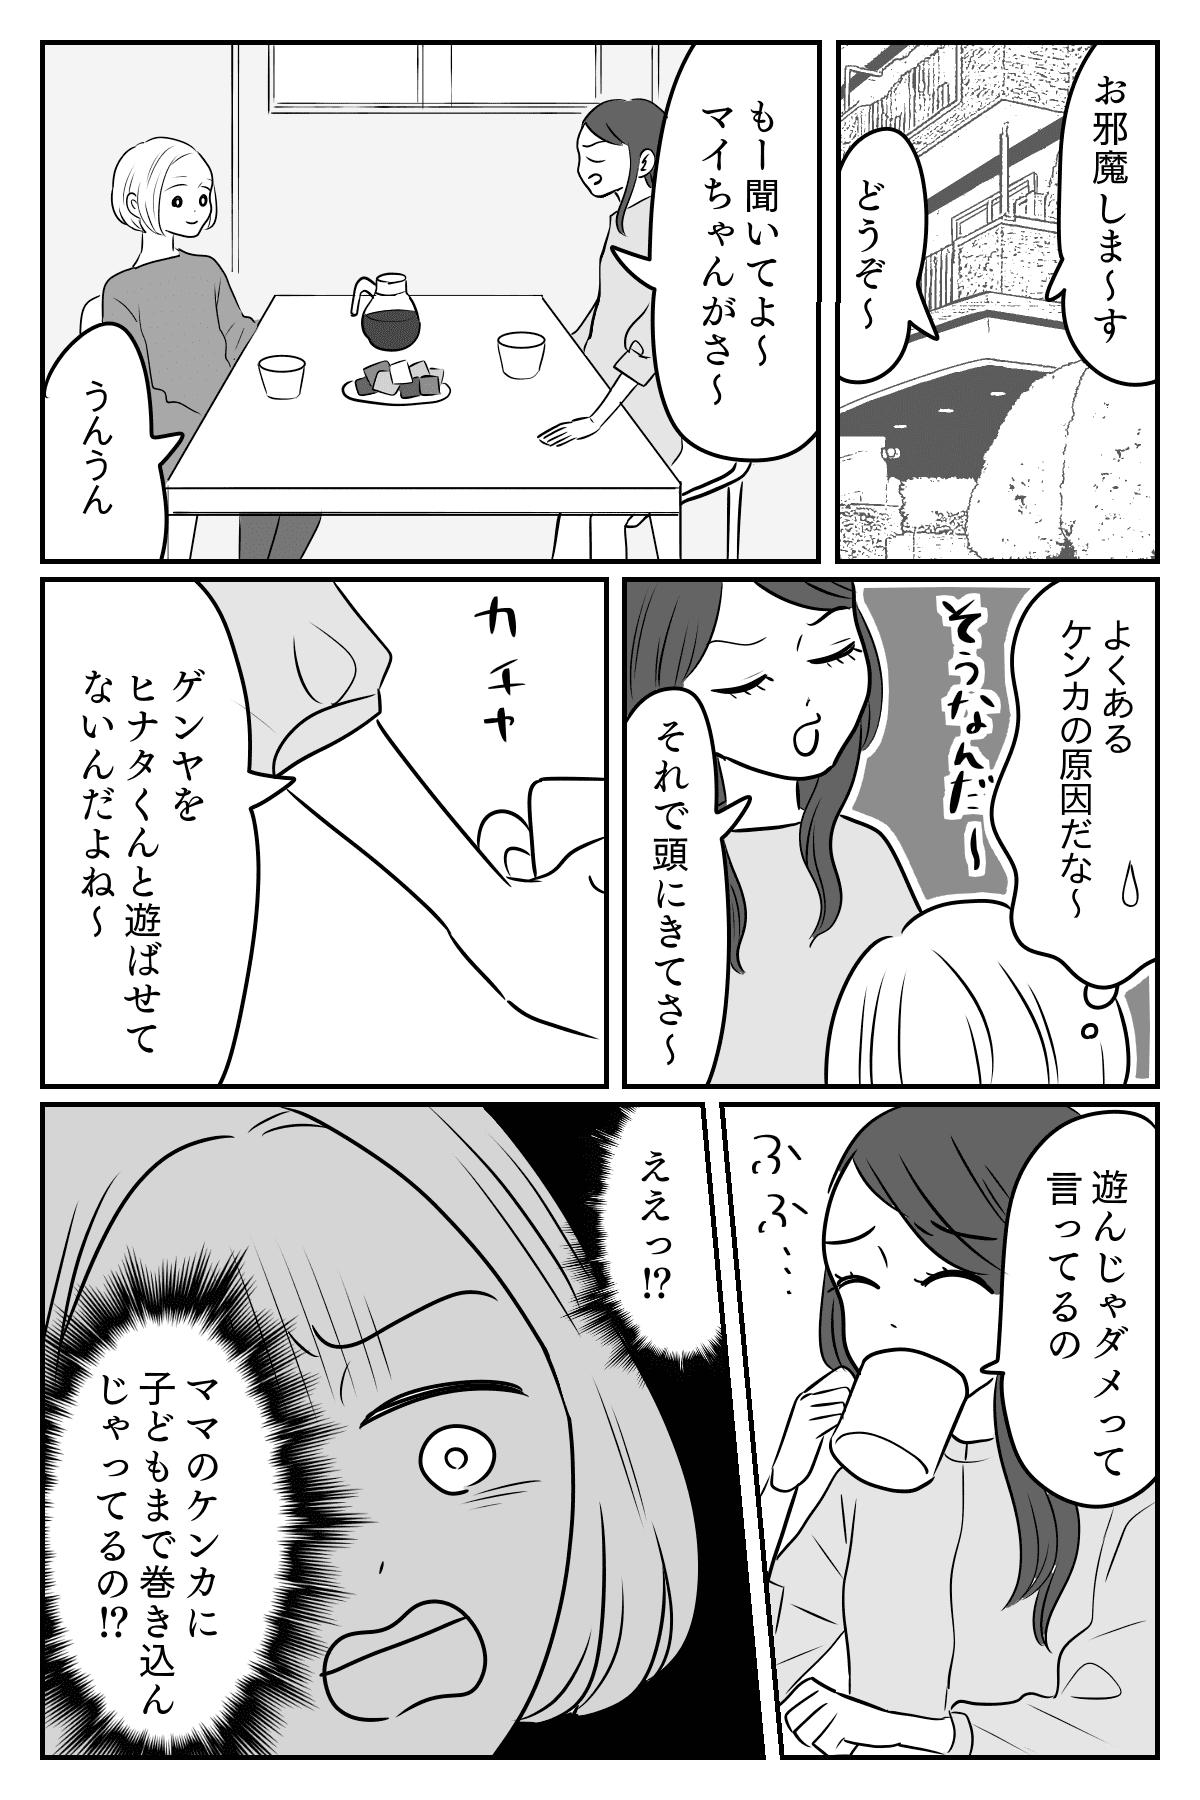 巻き込まれ1-2